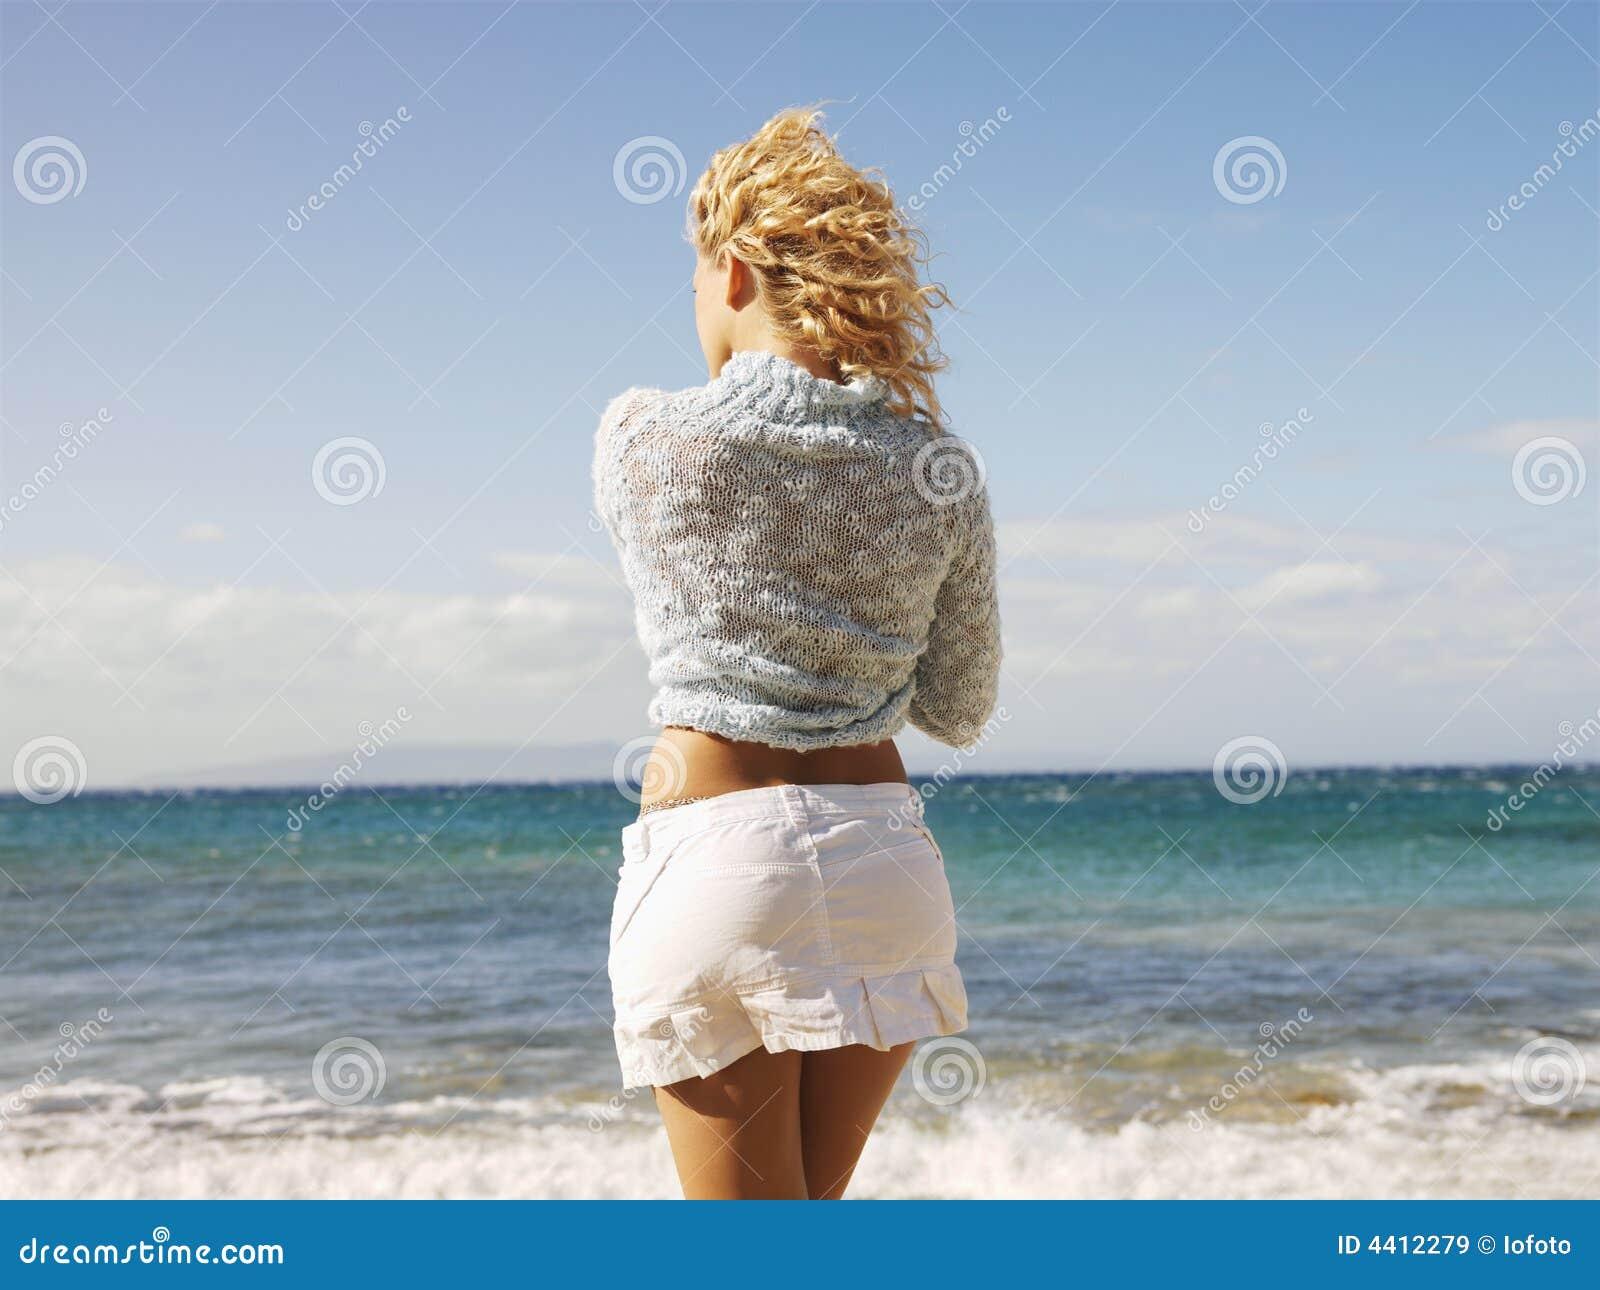 Фото блондинка вид со спины 16 фотография